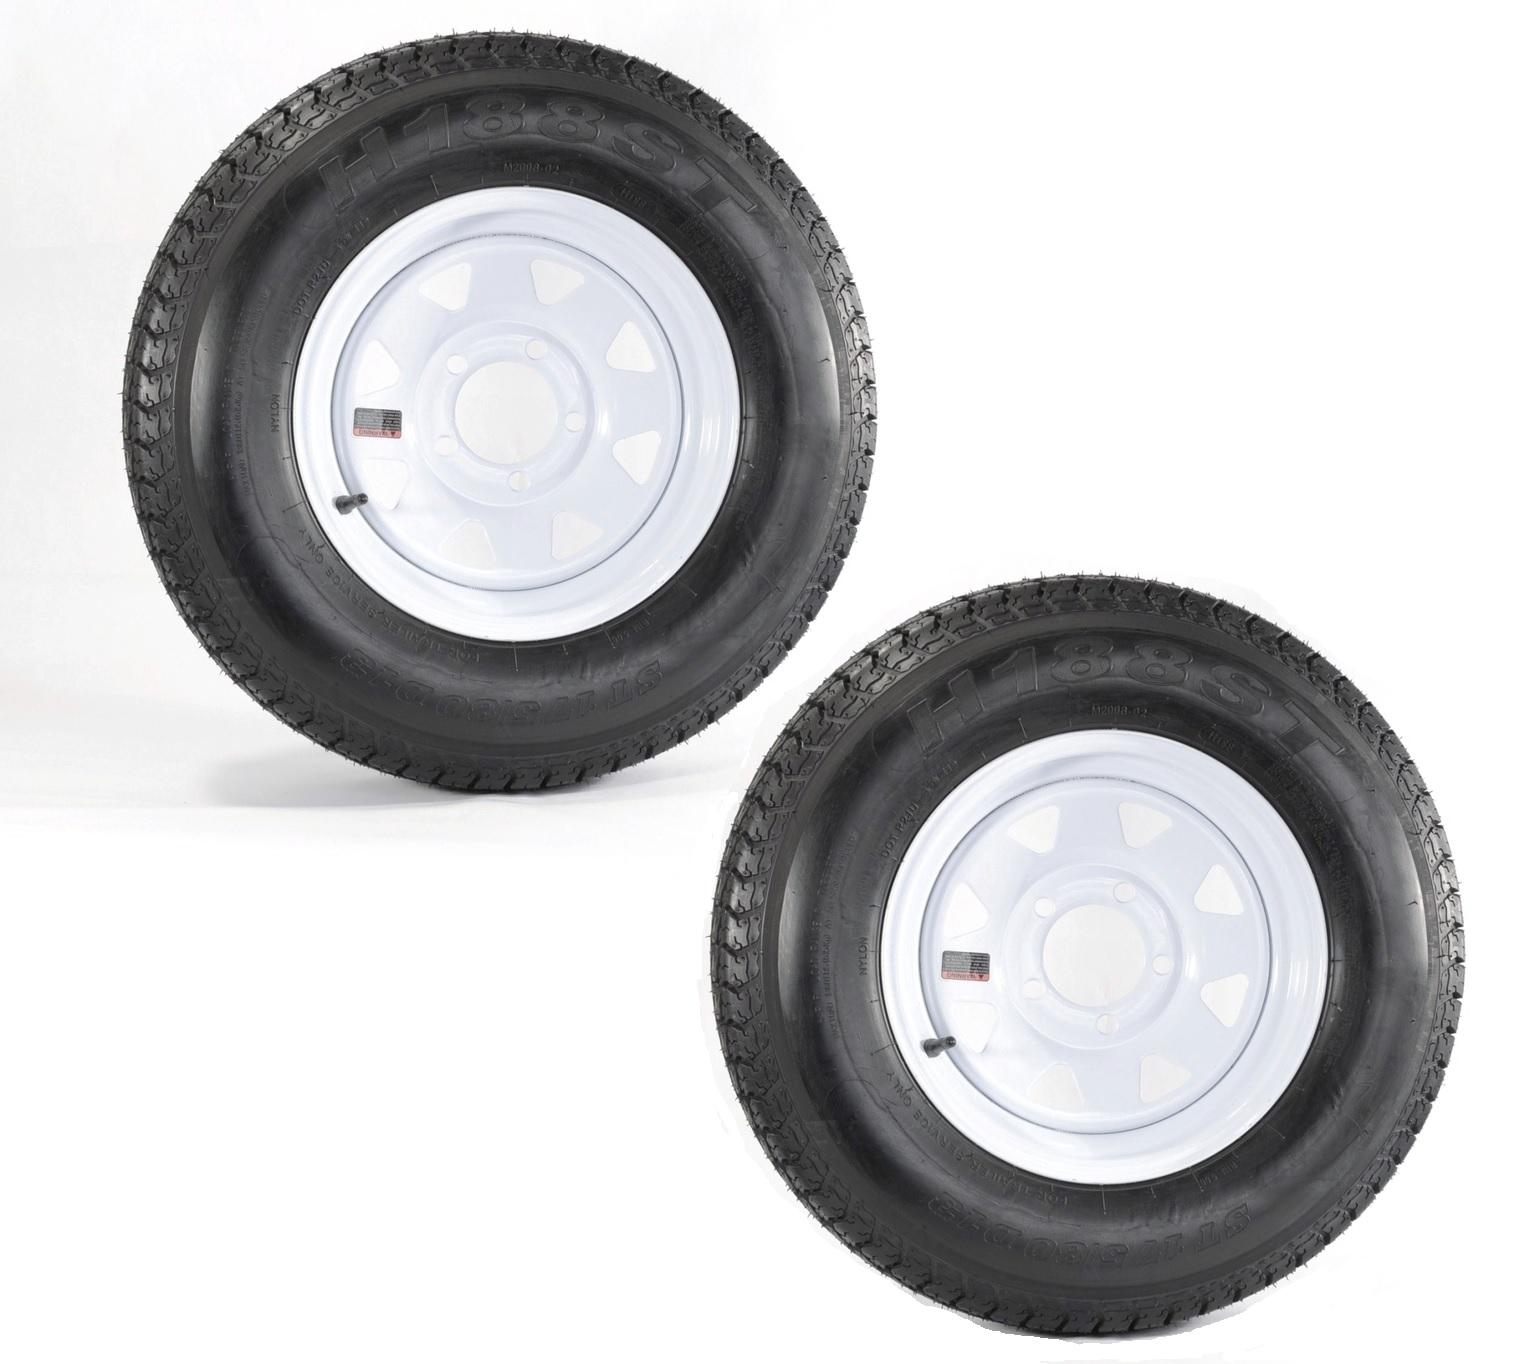 """5x4.5 bolt circle 13/"""" White Spoke Trailer Wheel bias ST175//80D13 Tire Mounted"""